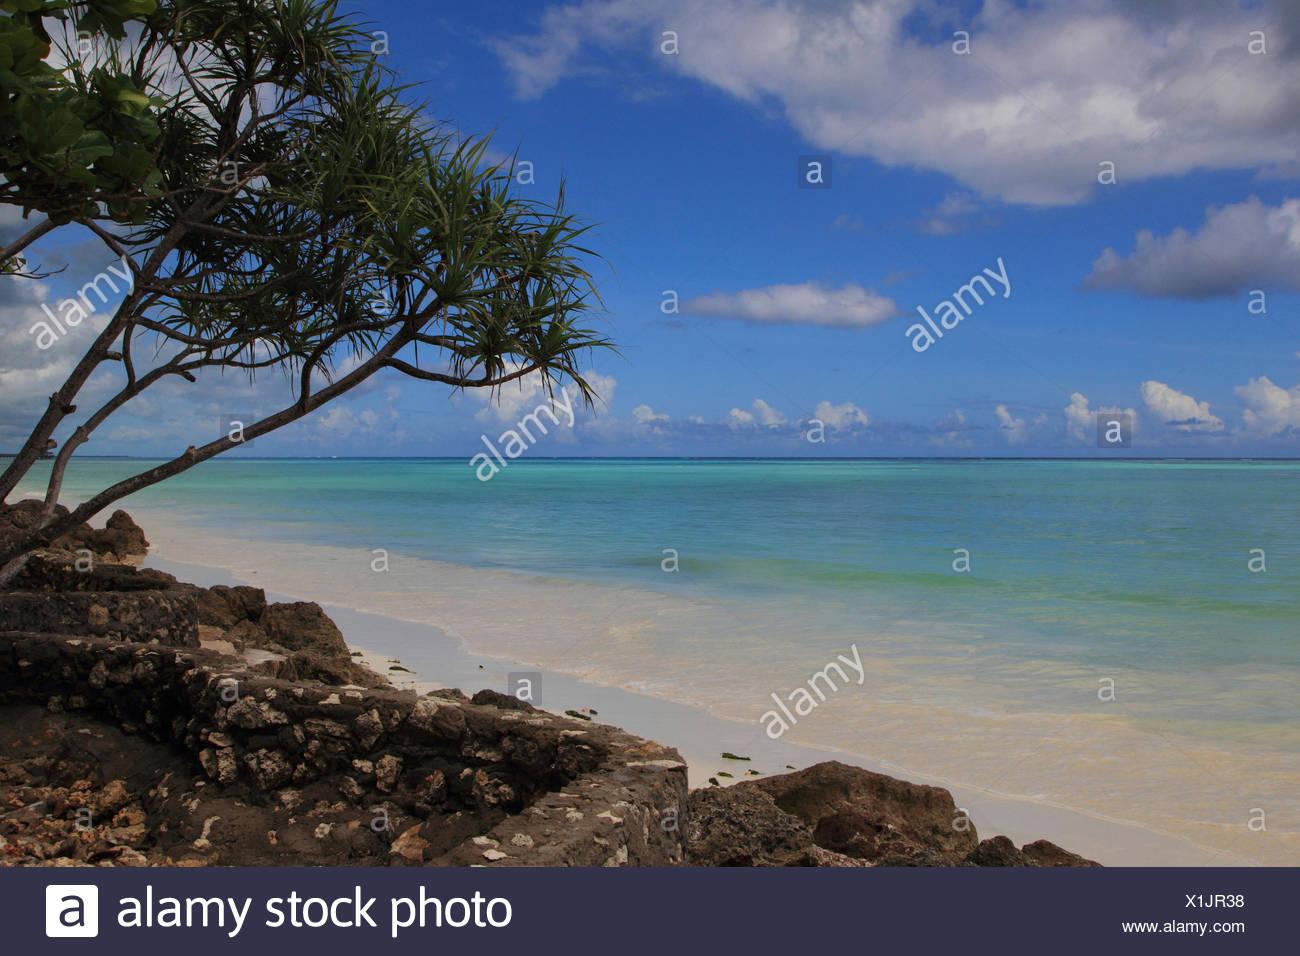 Indian Ocean, Tanzania, Sansibar - Stock Image